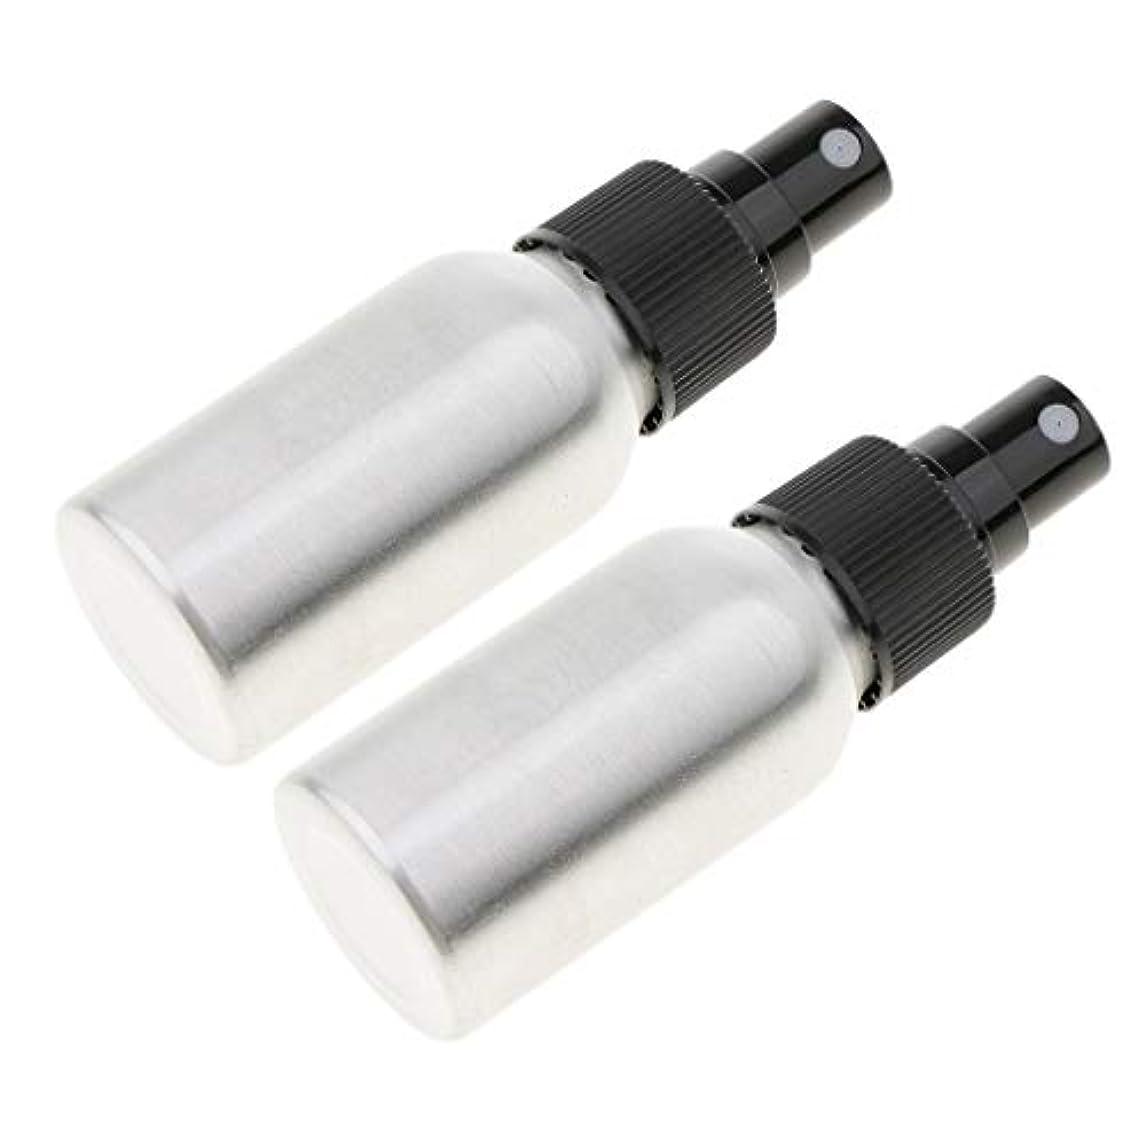 絡まる完全に乾くパンフレットIPOTCH 2個 メイクアップボトル スプレーボトル 香水ボトル コスメ 化粧品 詰替え 小分け用 2色選べ - ブラックキャップ